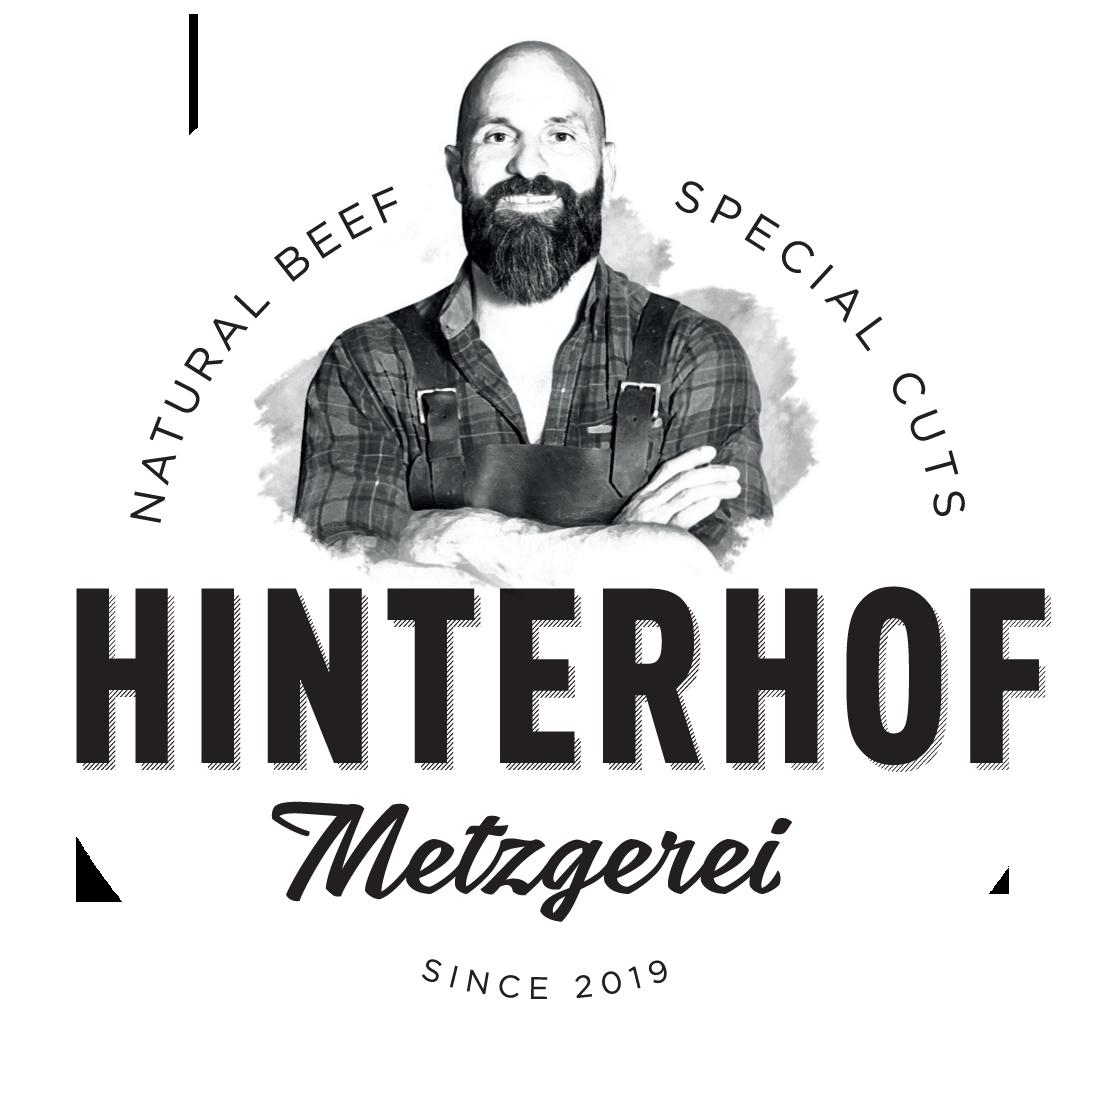 Hinterhof Metzgerei